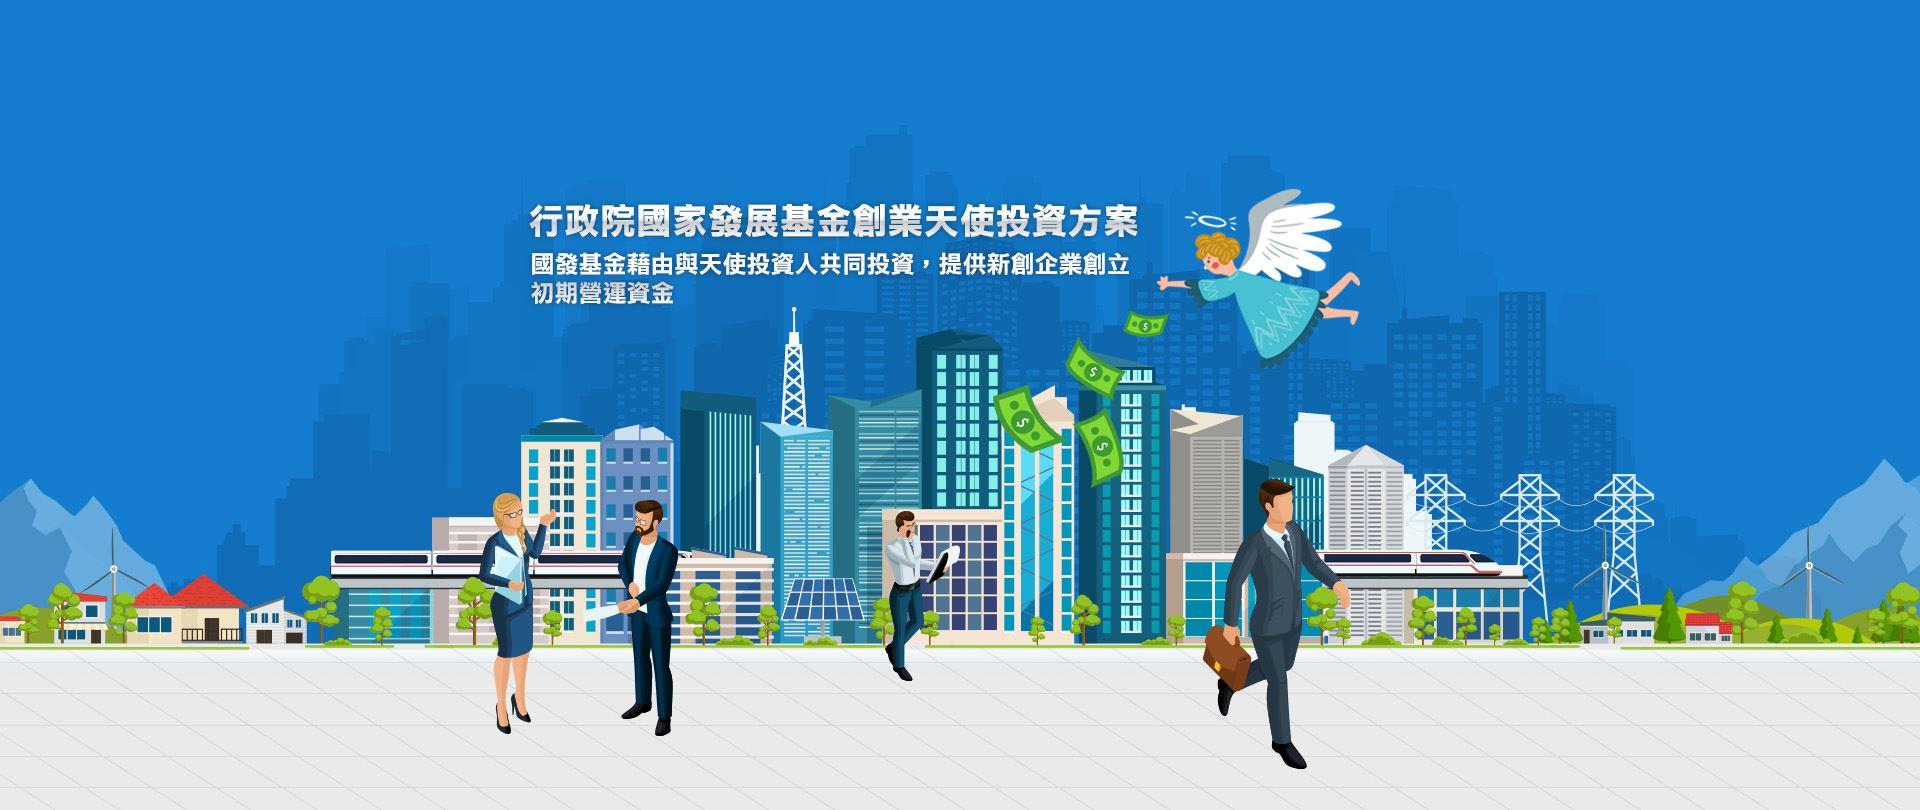 國發基金藉由與天使投資人共同投資,提供新創企業創立初期營運資金